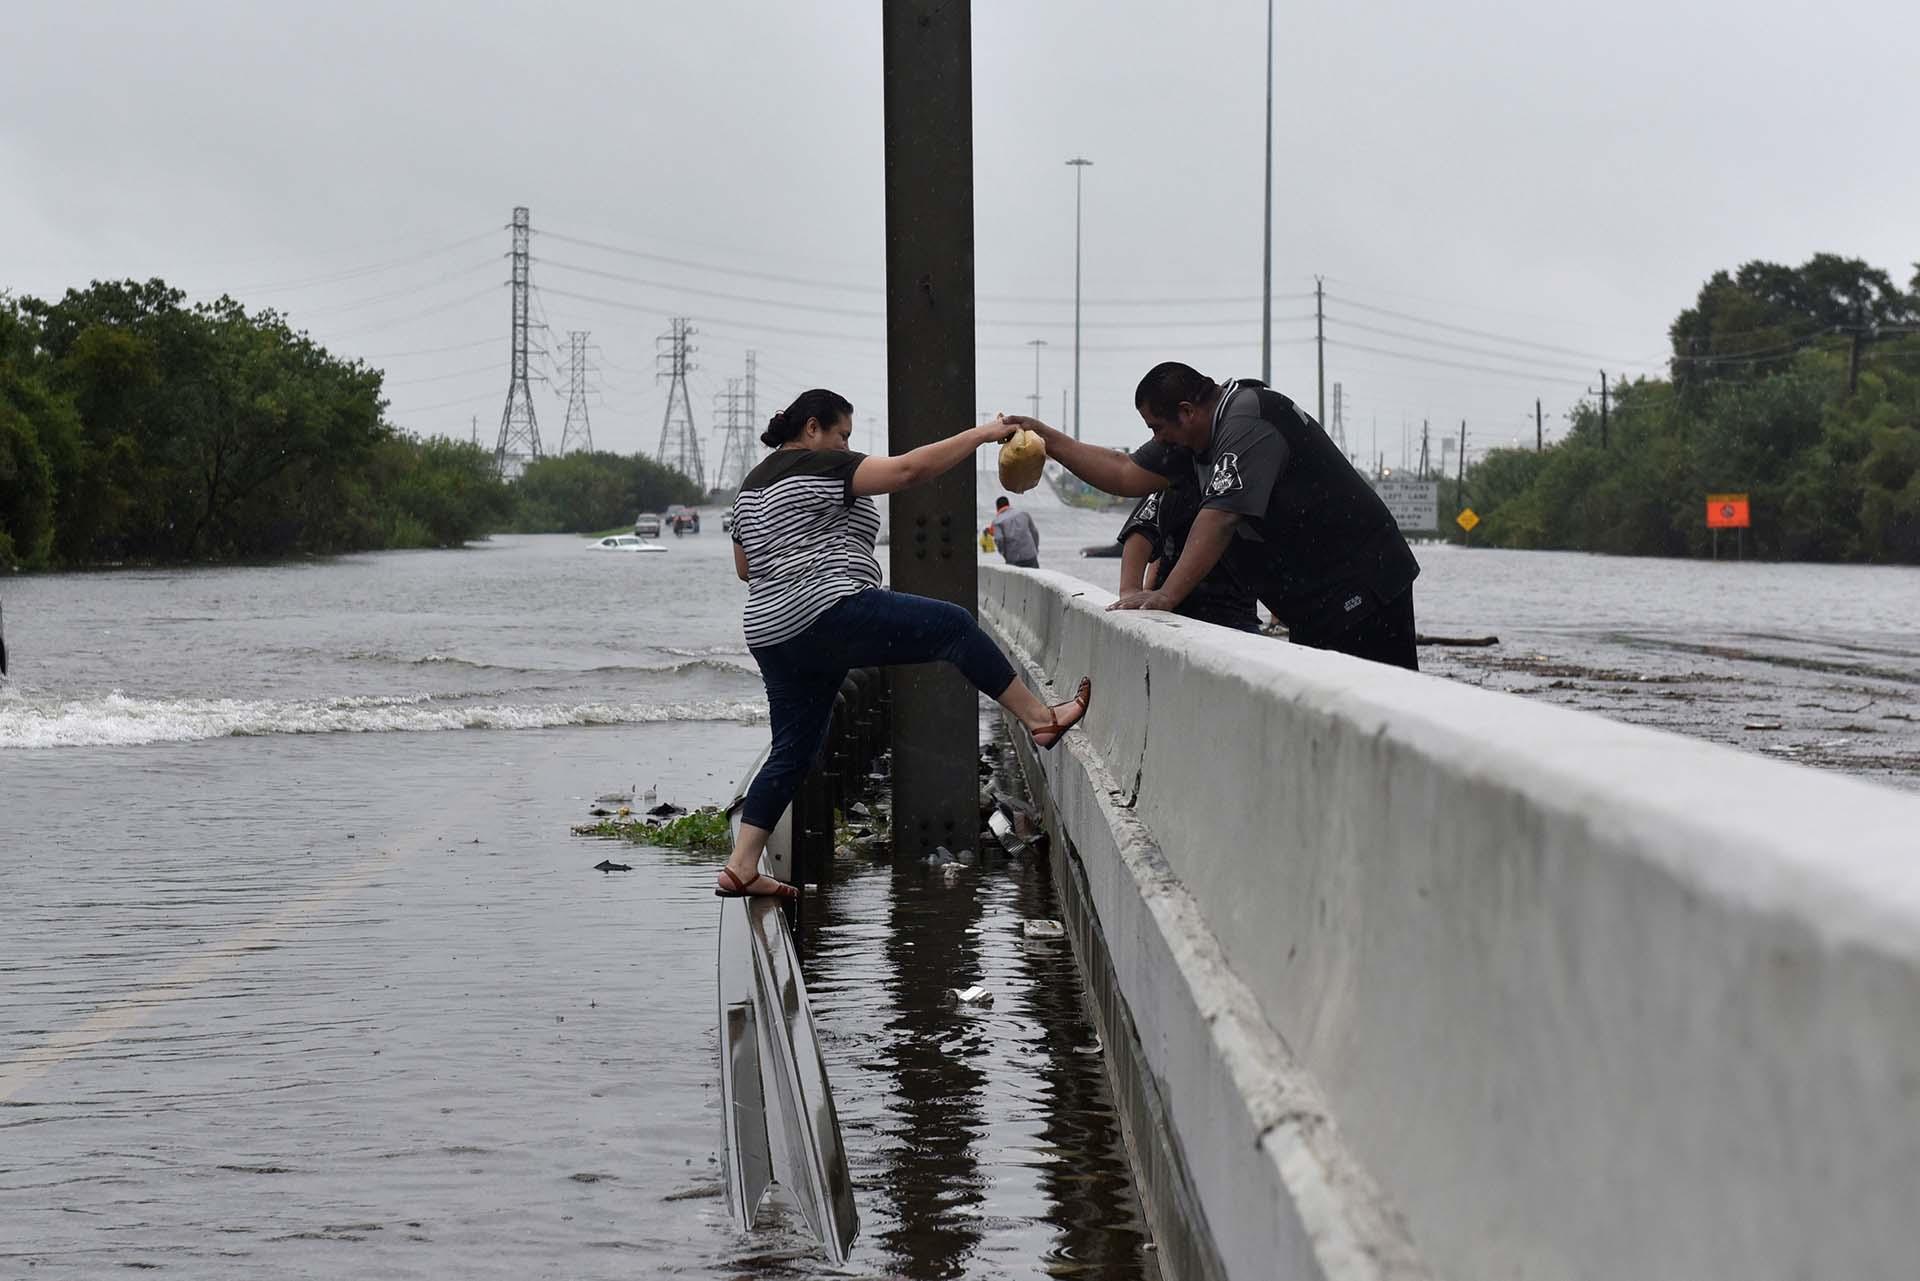 Un policía ayuda a una mujer a evitar caer al agua (REUTERS)